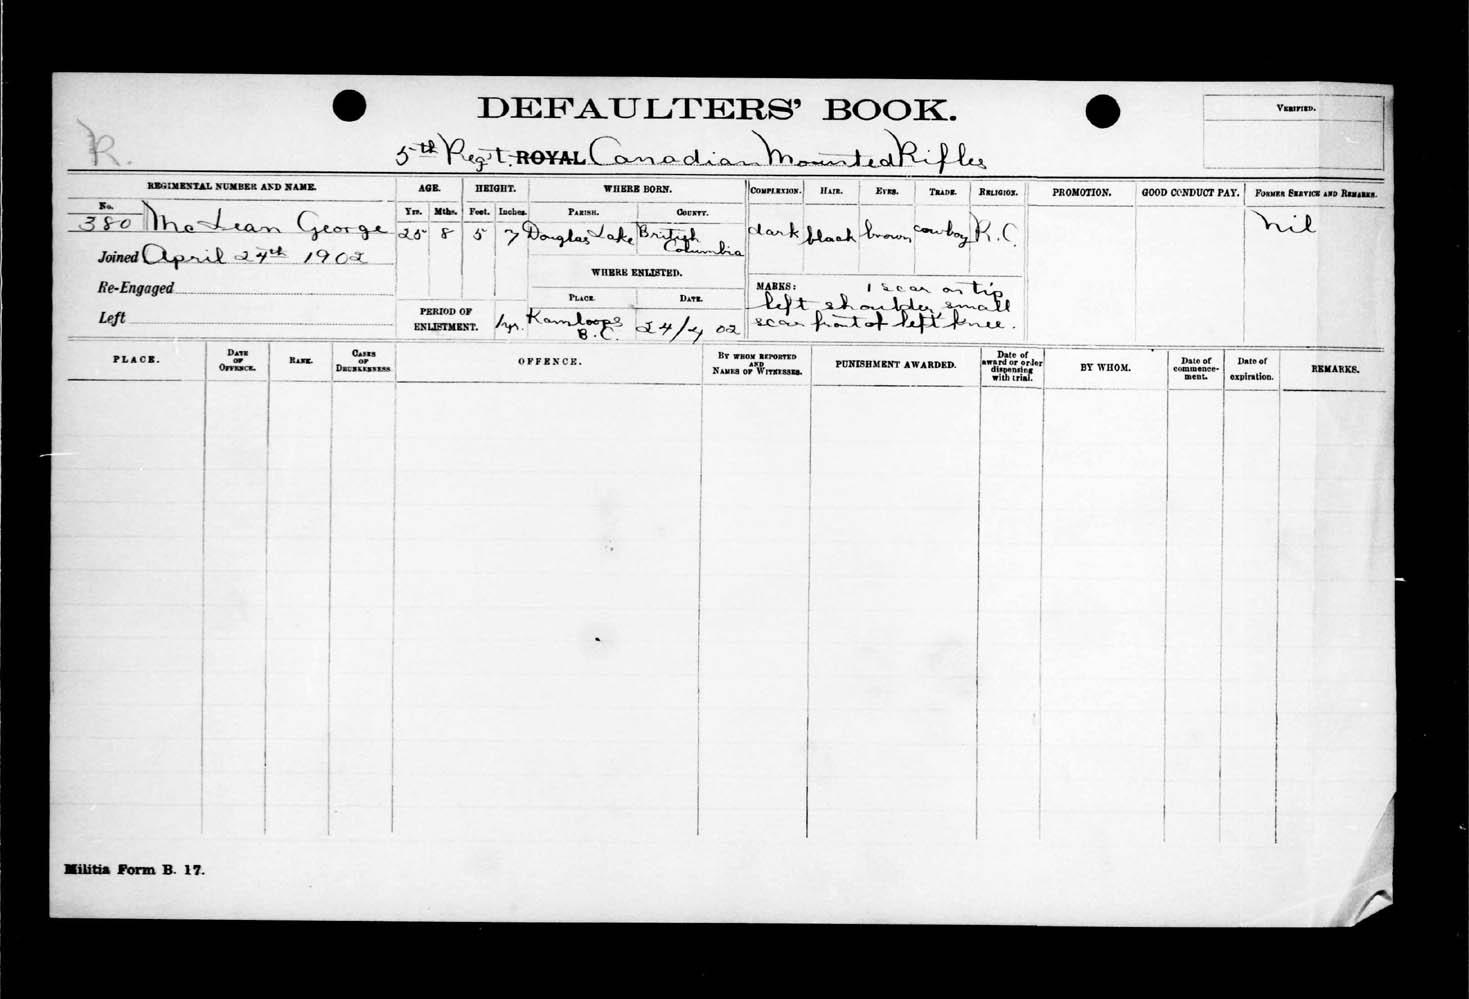 Page numérisé de Boer War pour l'image numéro: e002191159